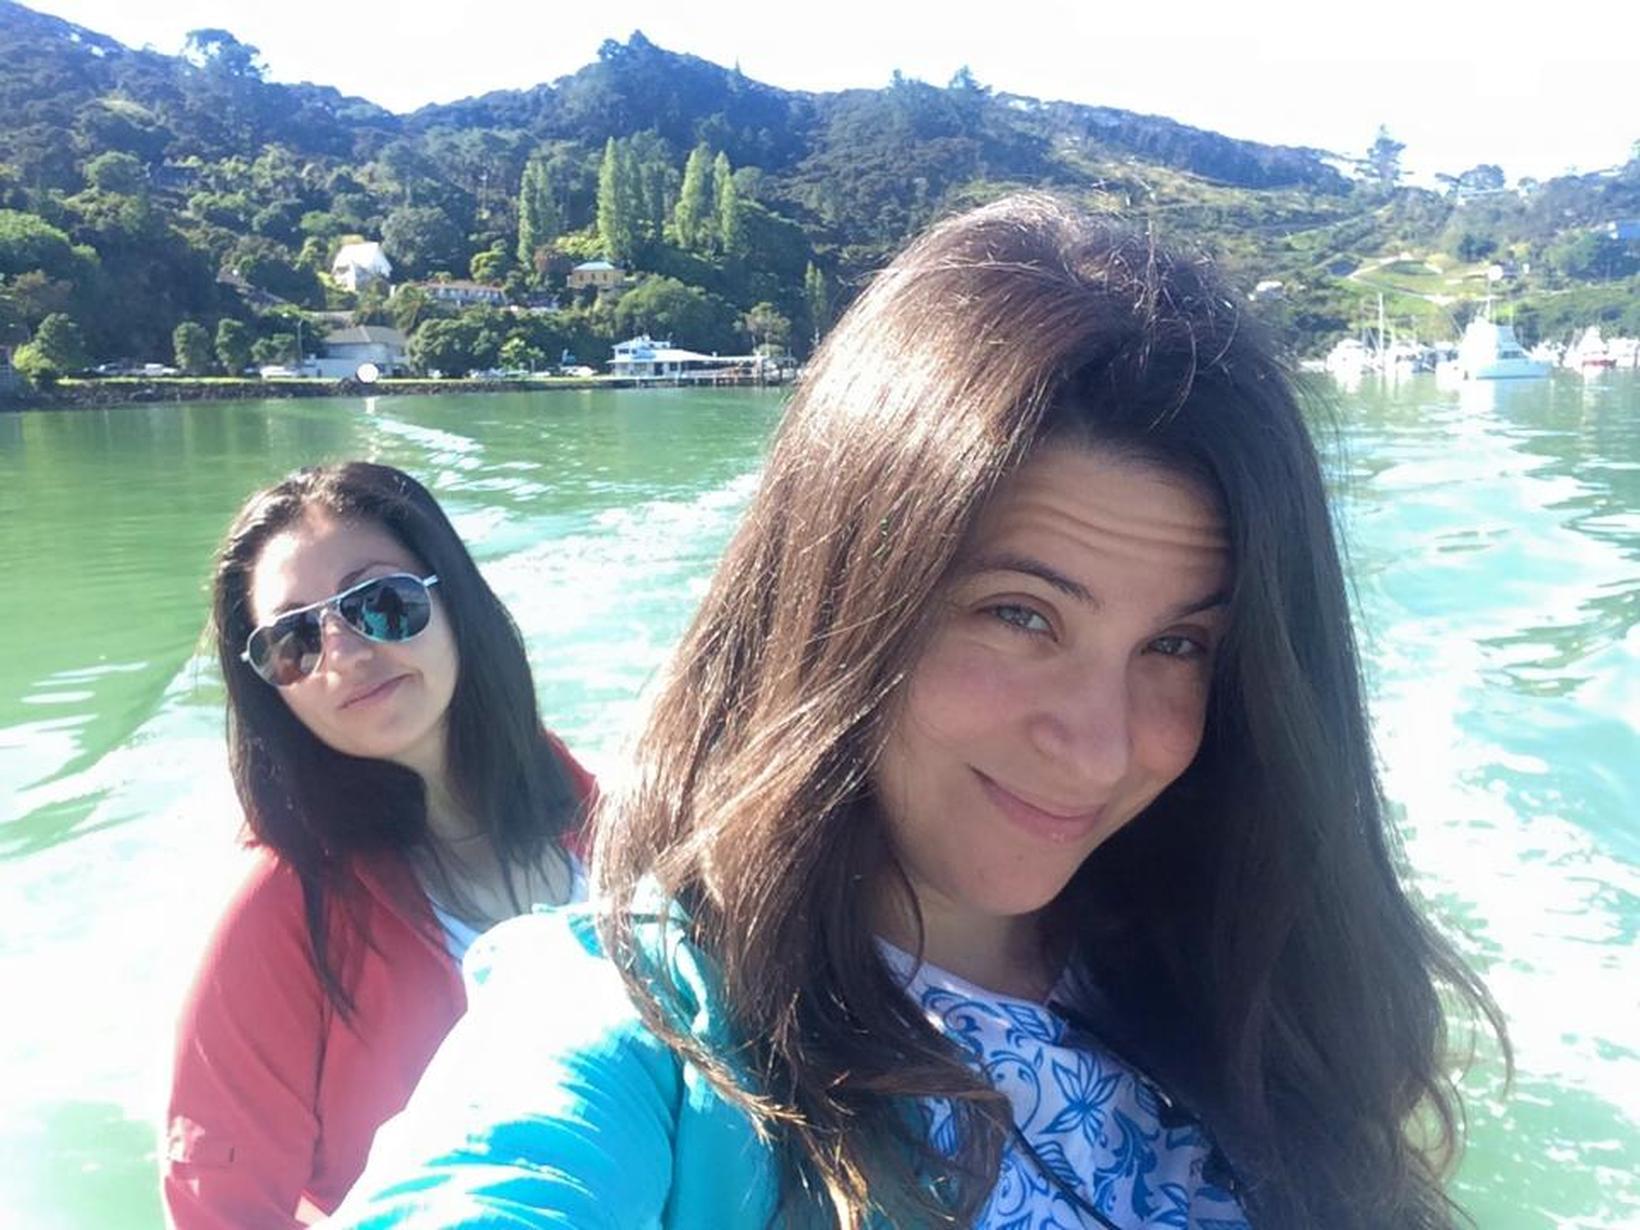 Mariela & Natalia from Puerto Varas, Chile